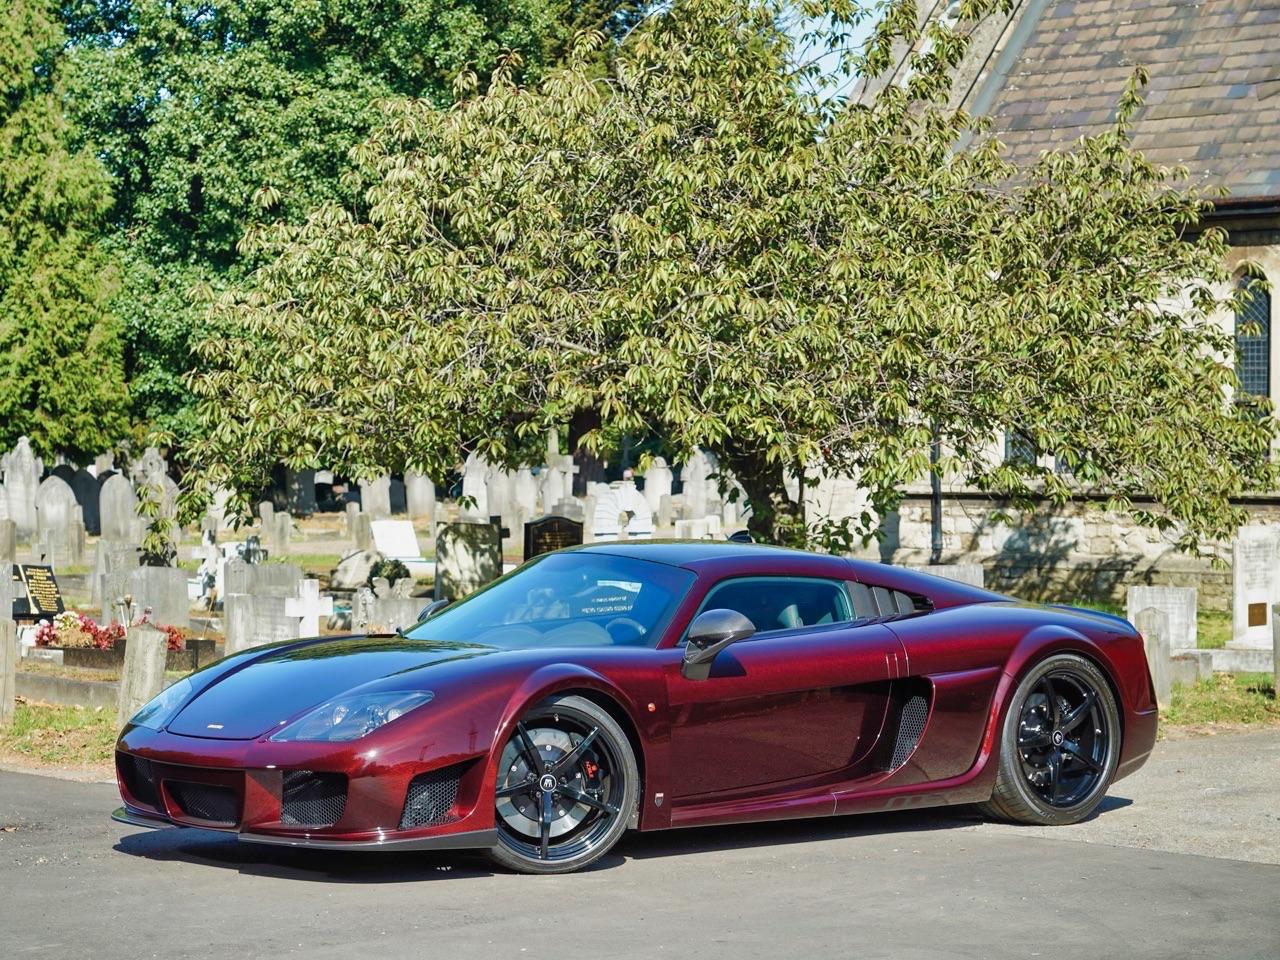 Noble M600 CarbonSport - Va y avoir du carbone et du... sport ! 22